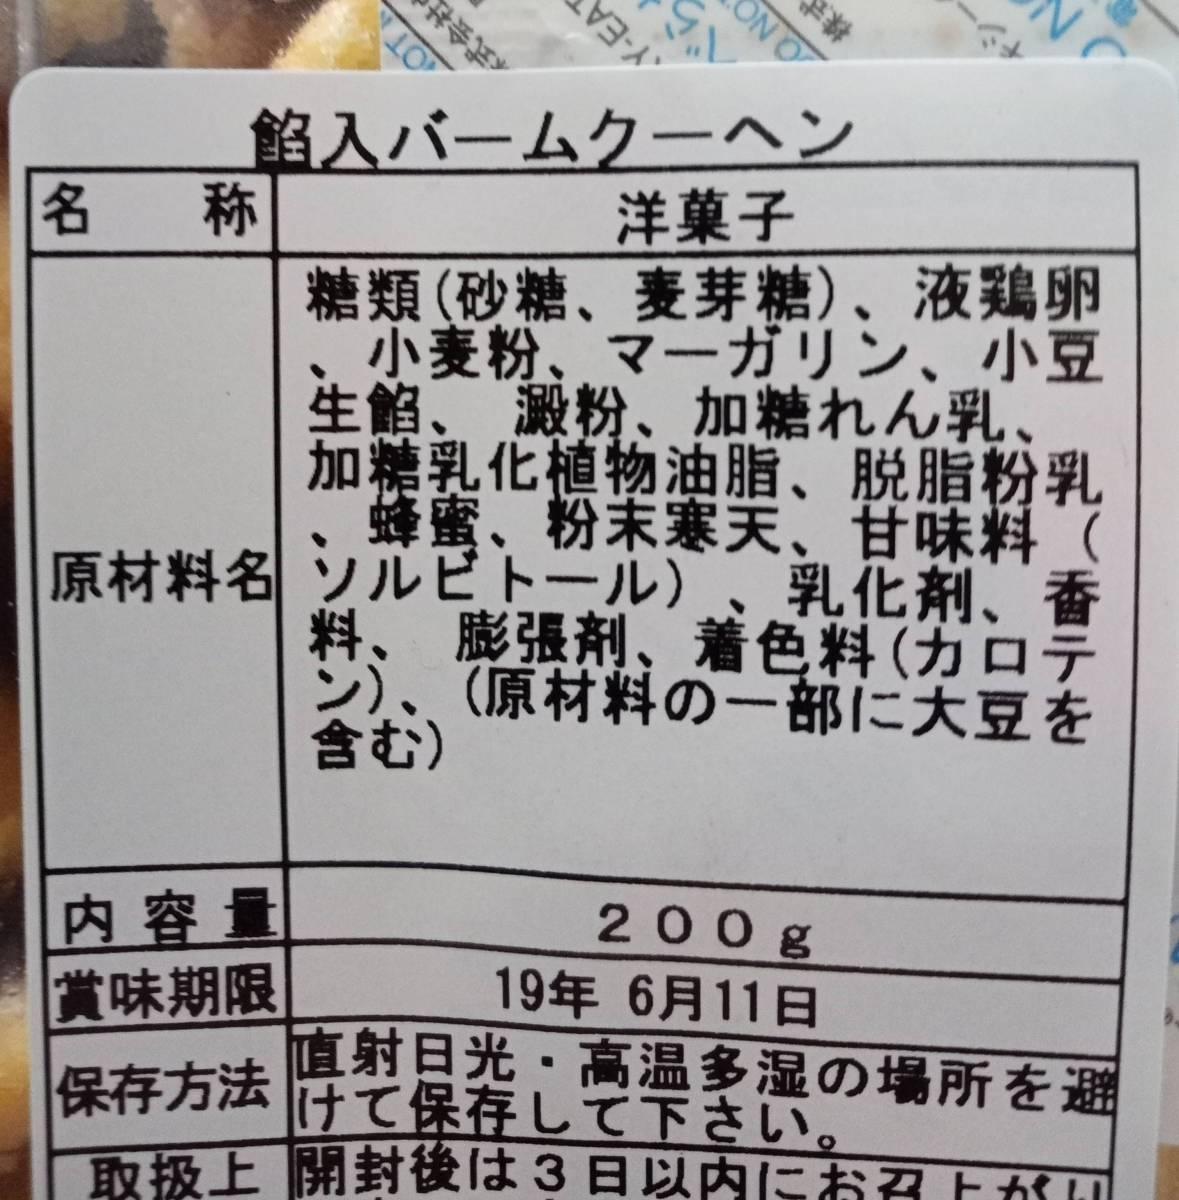 【幻セット】博多の女 切れ端  餡・苺・八女抹茶 セット #1_画像5